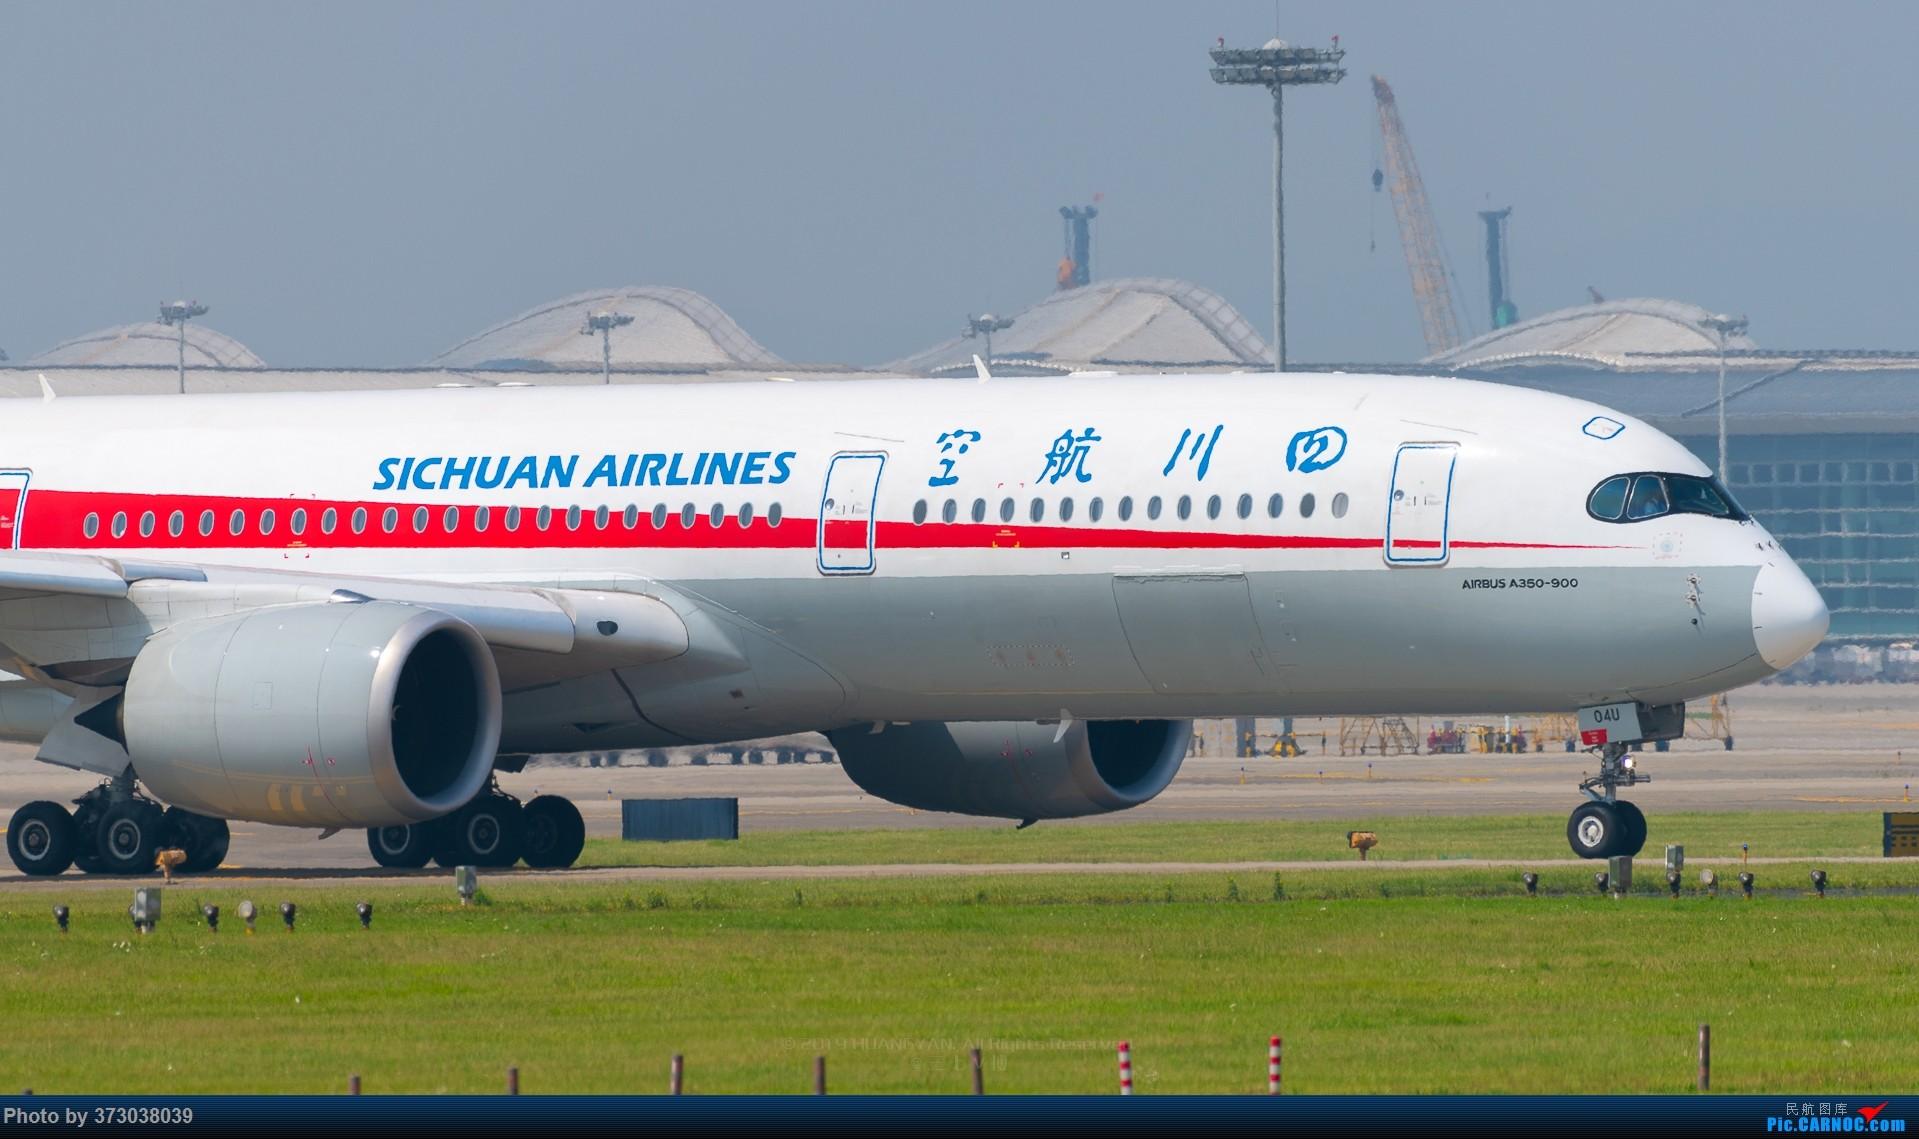 Re:[原创]【杭州飞友会】川农国际A350墨镜侠洛城归来杭州萧山机场 AIRBUS A350-900 B-304U 中国杭州萧山国际机场